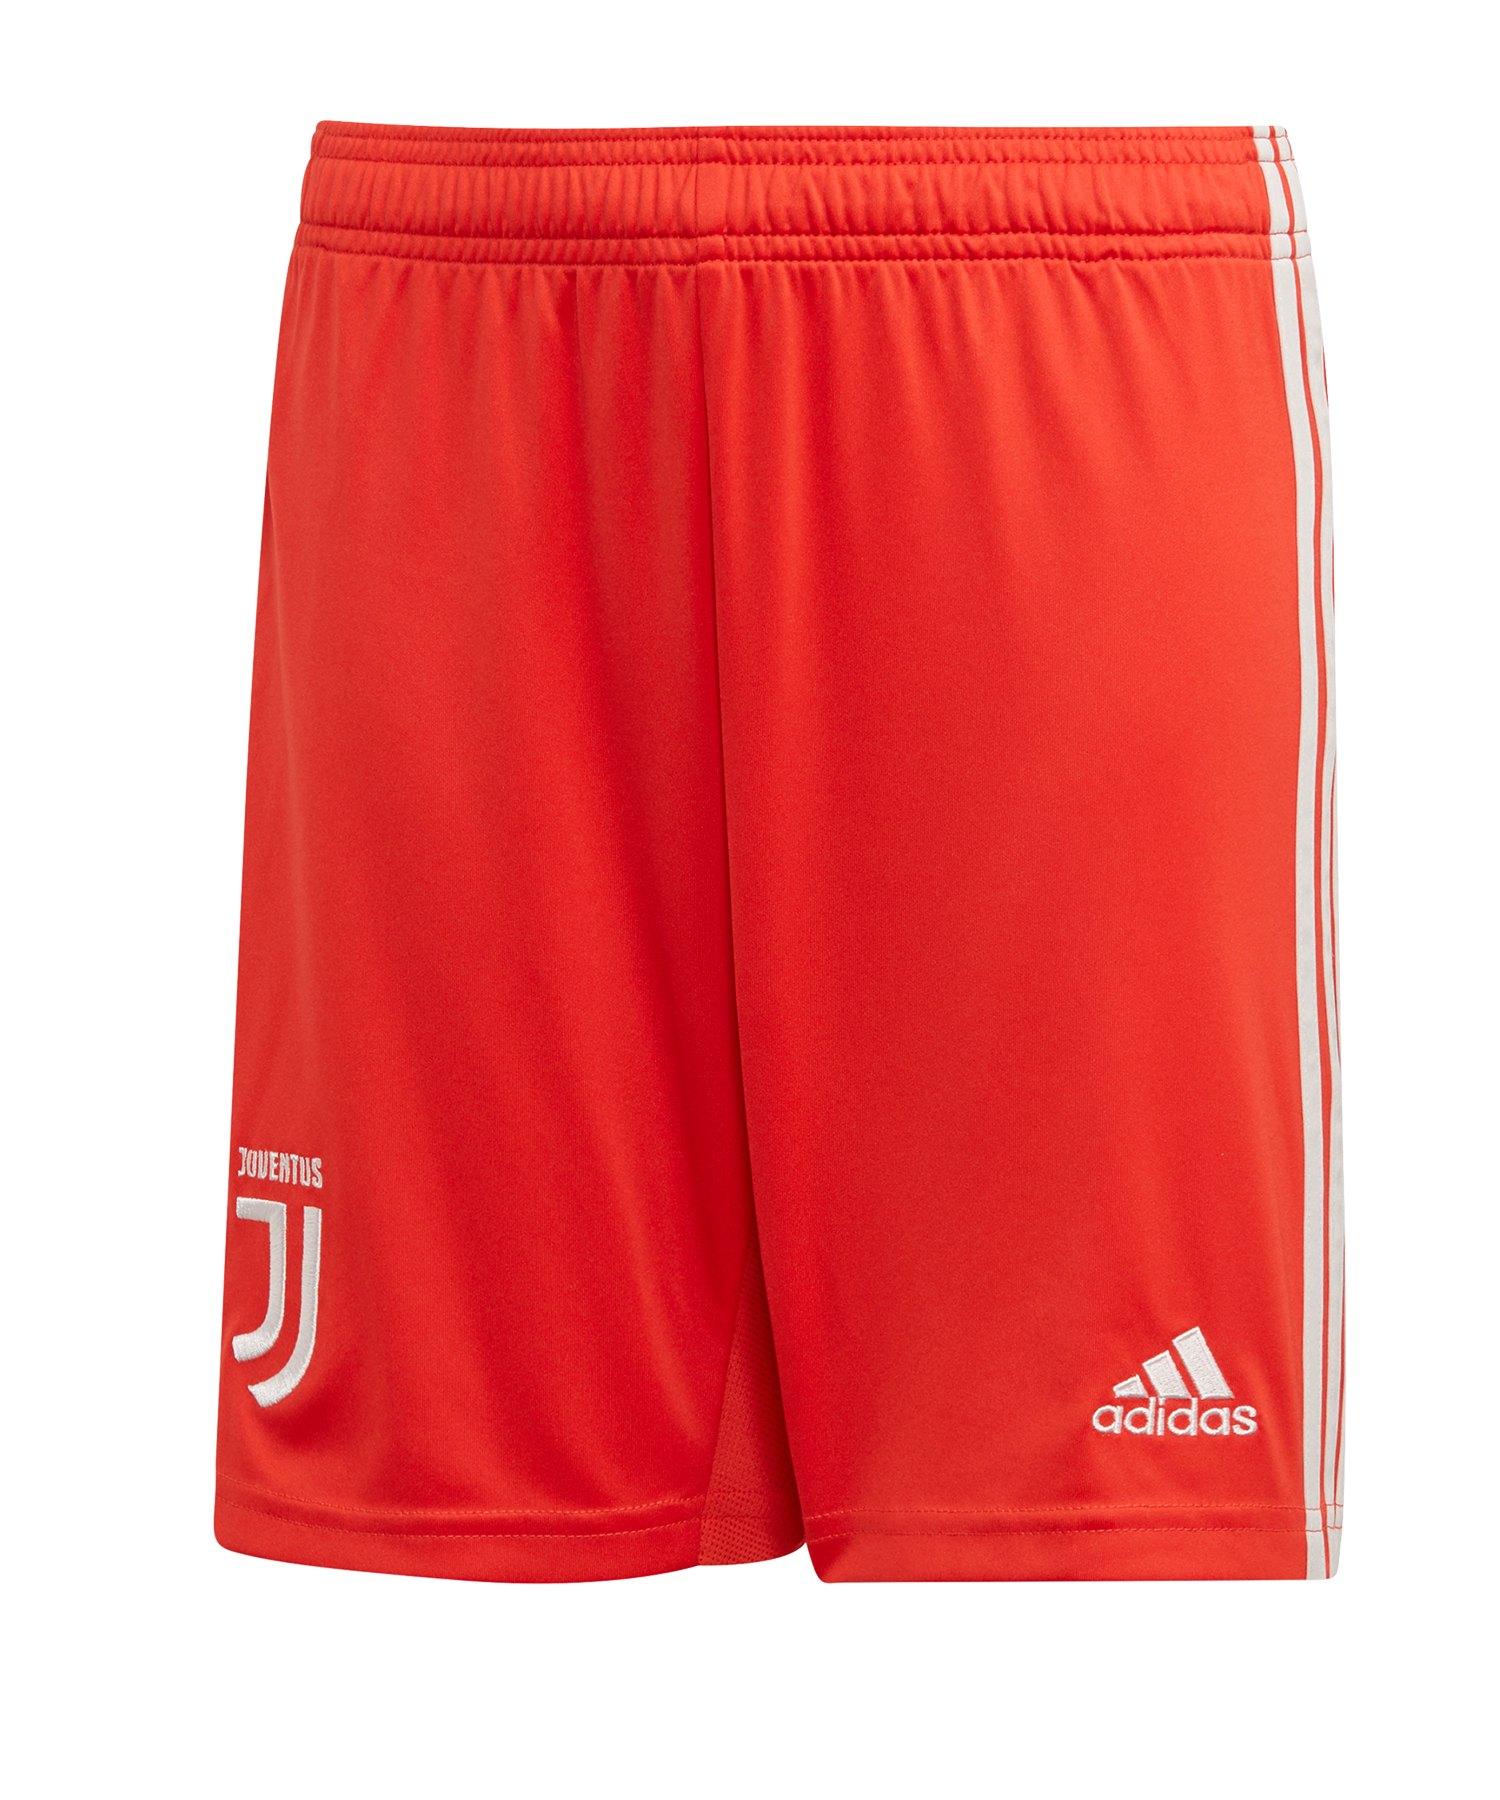 adidas Juventus Turin Short Away 2019/2020 Rot - Rot